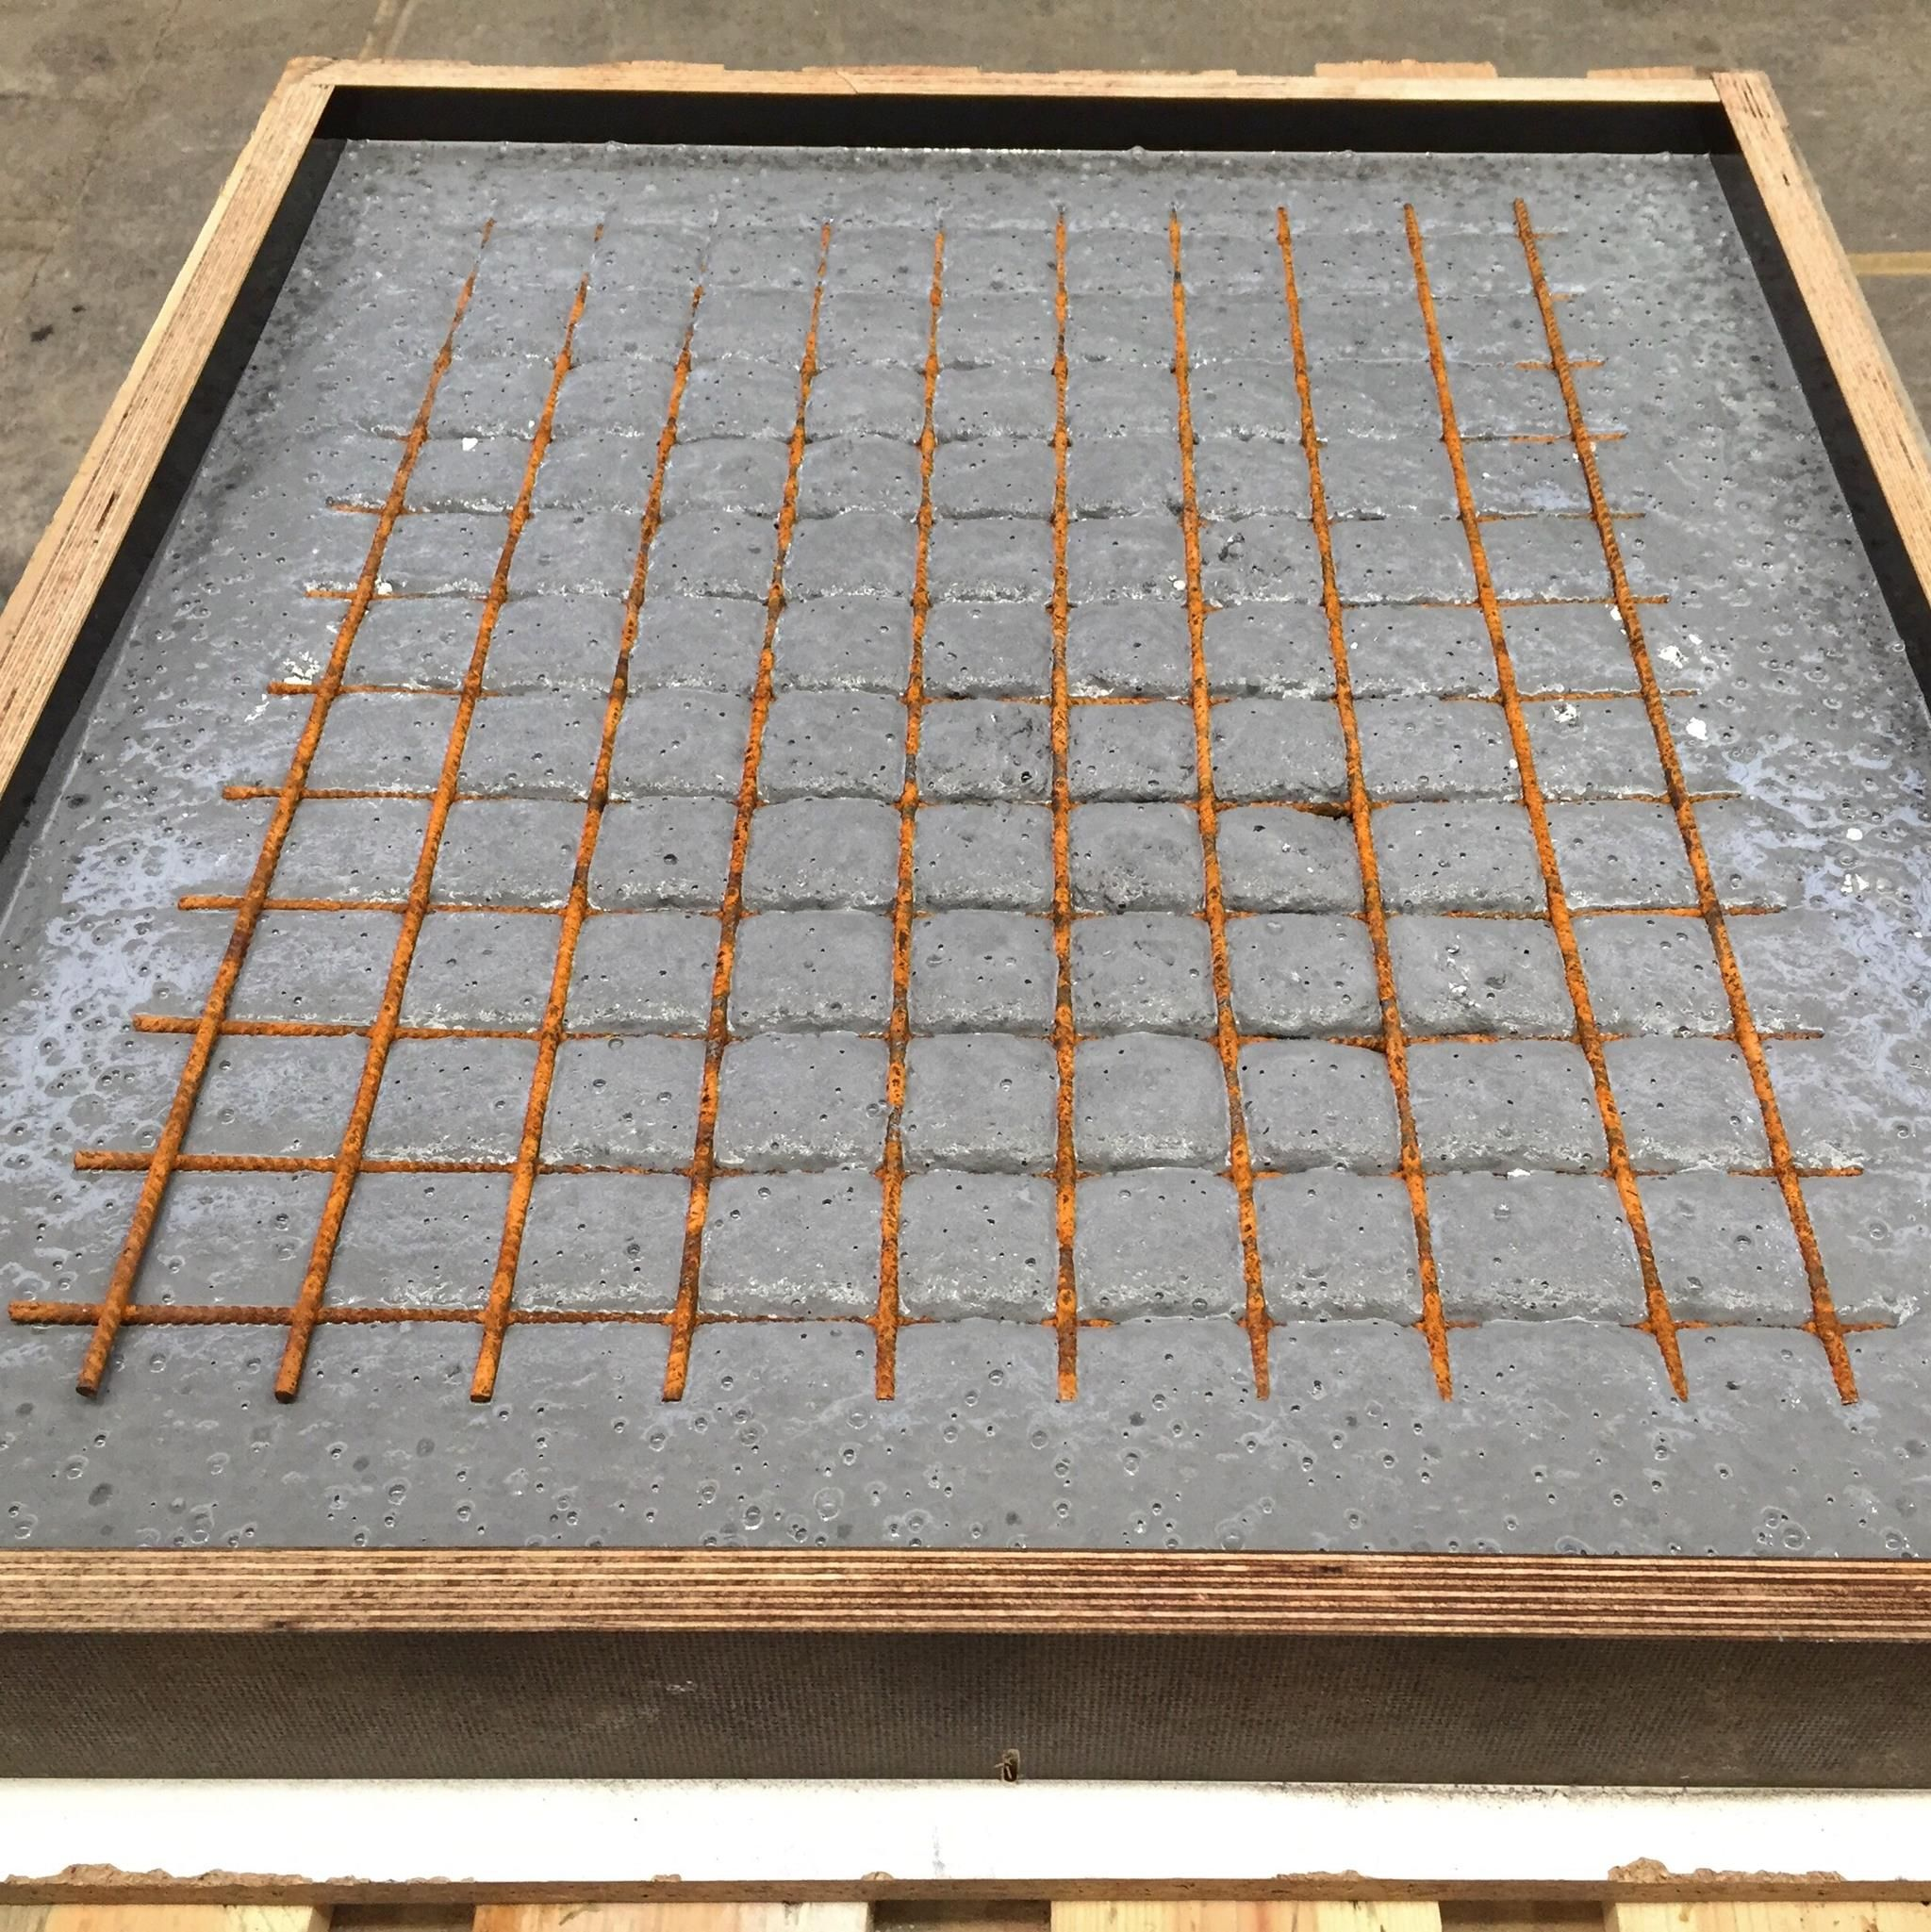 Beefer Tisch Aus Holz Und Beton Bigmeatlove Betontisch Garten Couchtisch Beton Gartentisch Selber Bauen